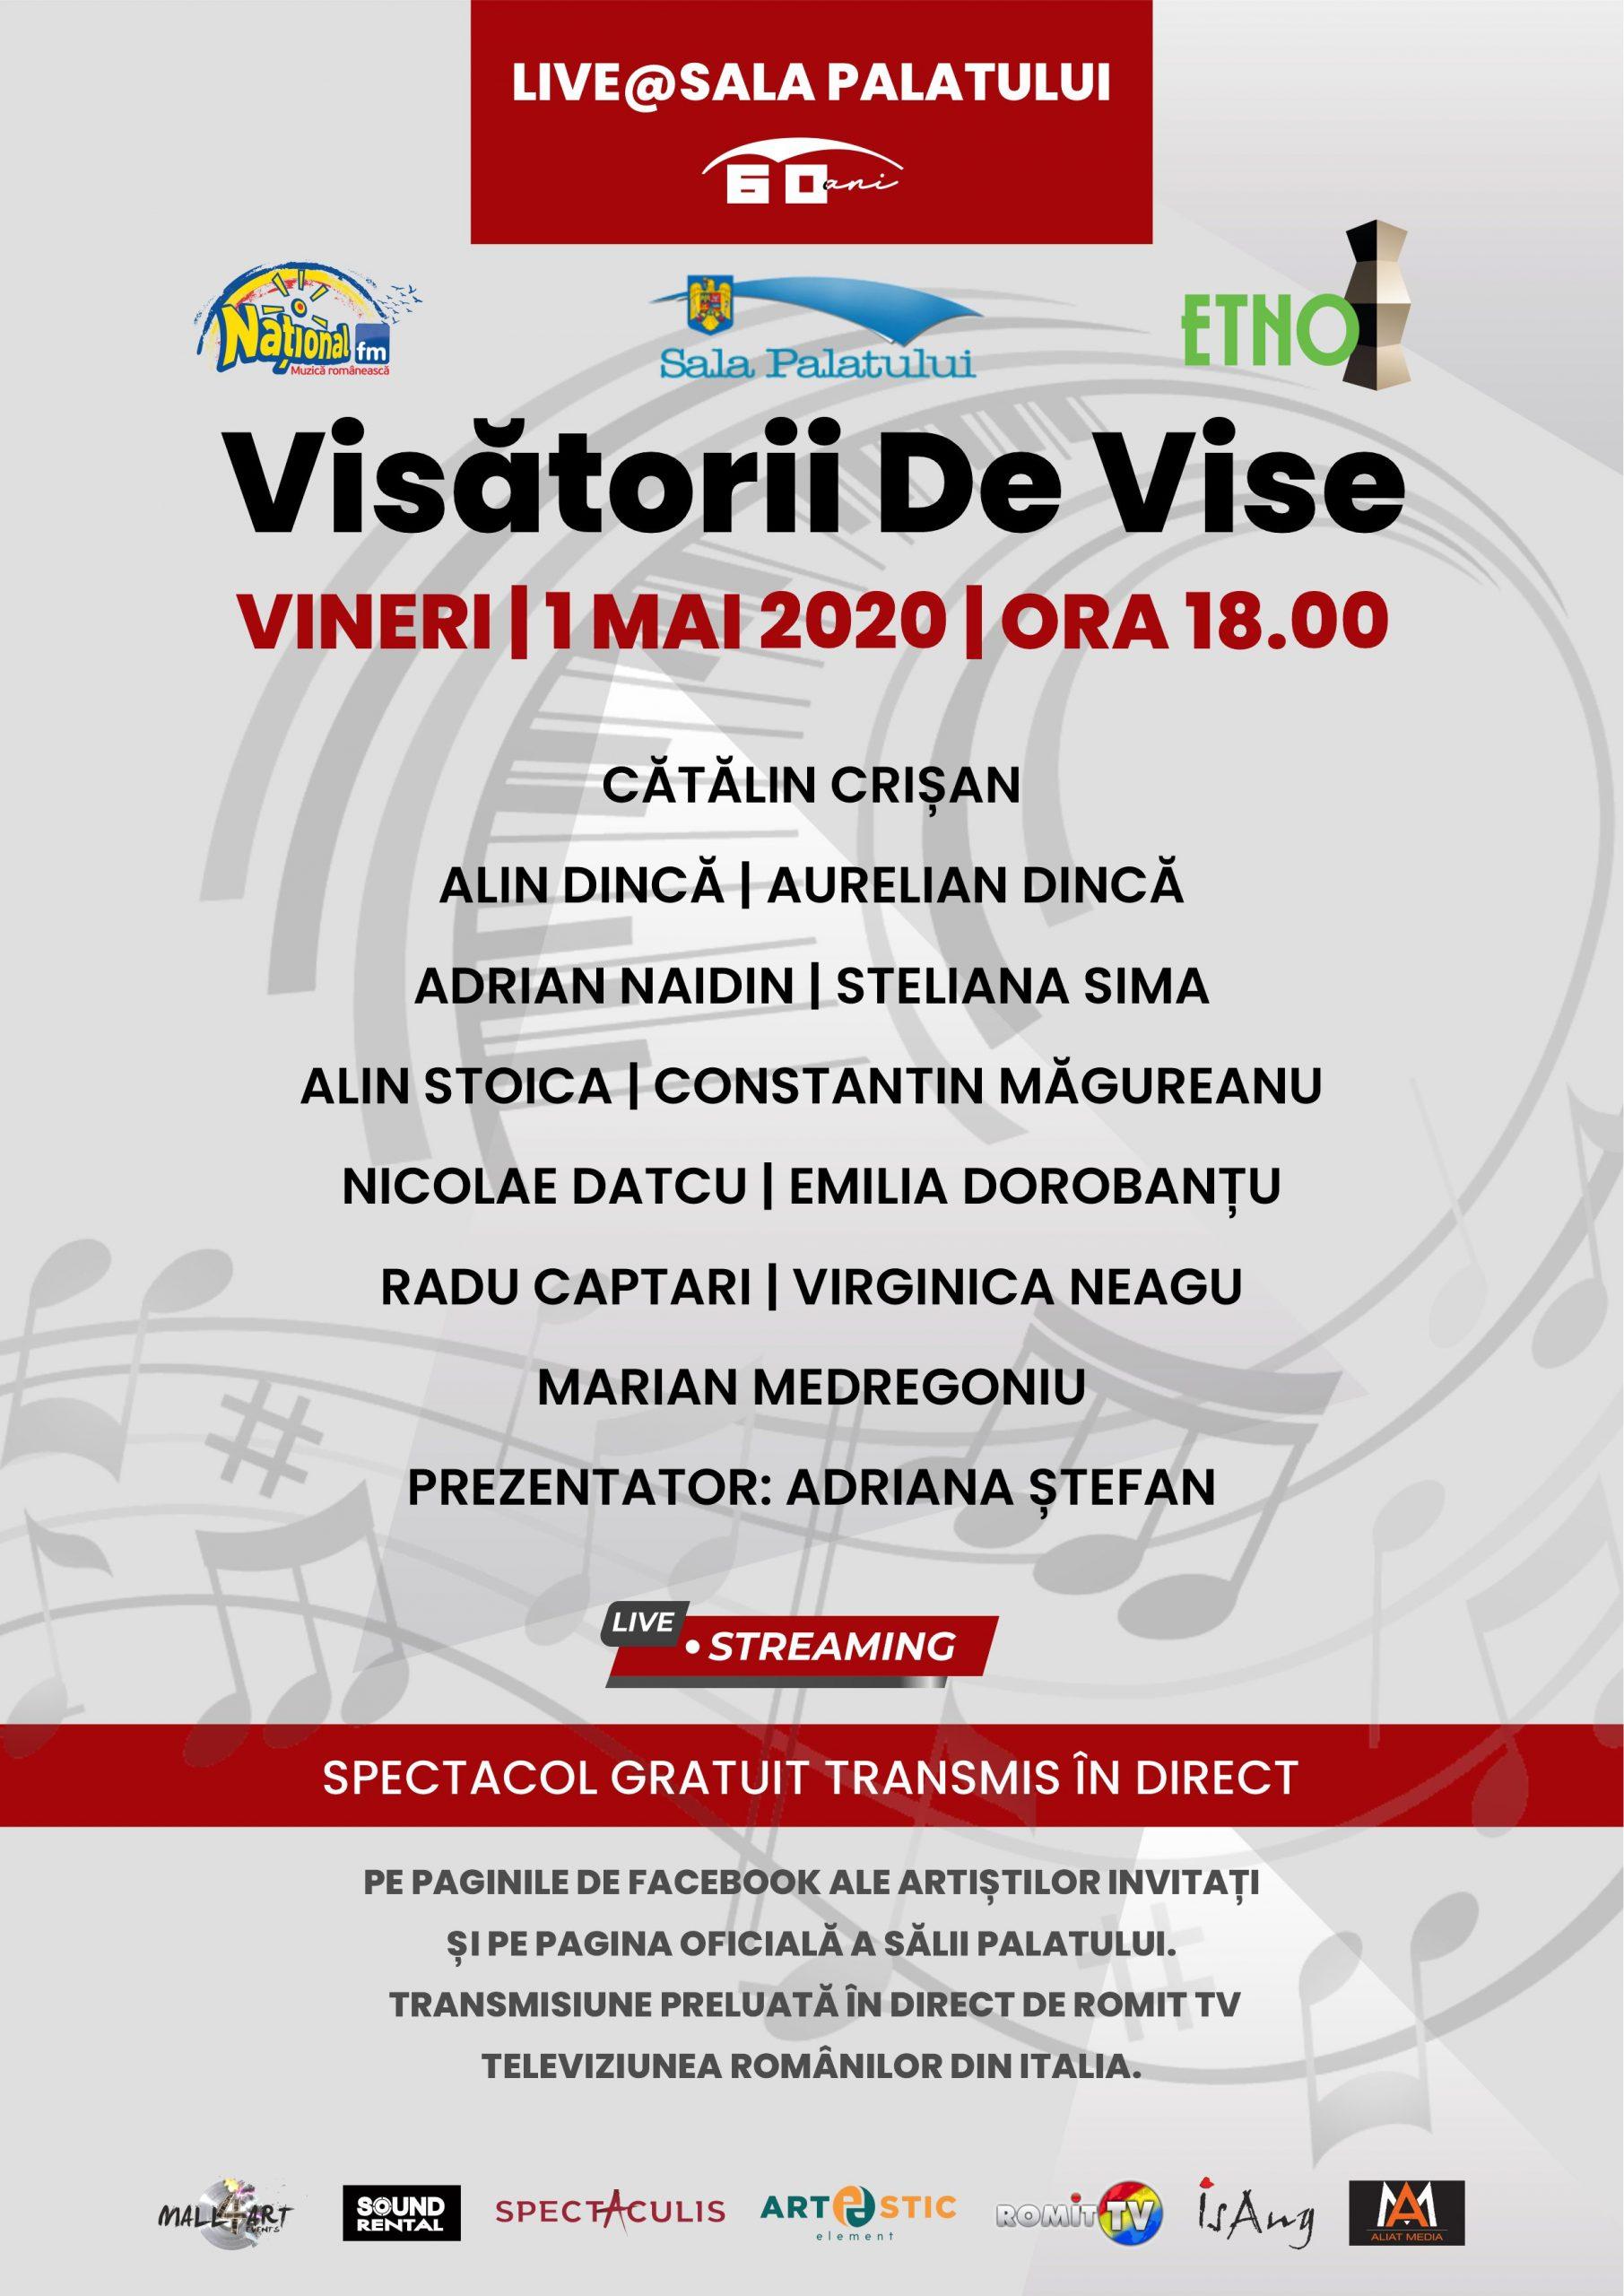 """Concert gratuit marca Sala Palatului – live """"Visătorii de vise"""""""